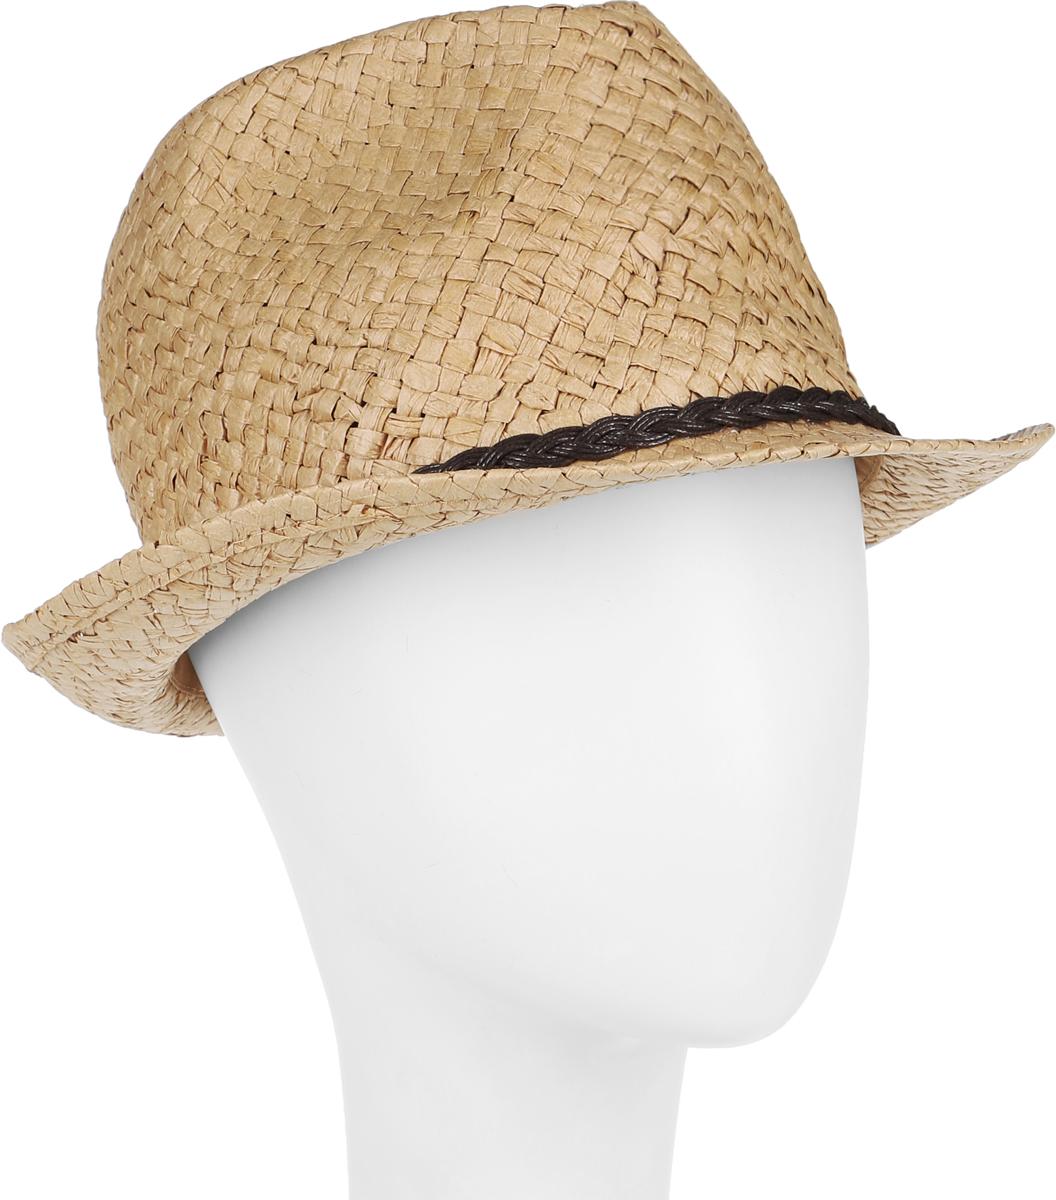 Шляпа женская Canoe Togo, цвет: песочный. 1964319. Размер 561964319Стильная летняя шляпа Canoe Togo, выполненная из искусственной соломы, станет незаменимым аксессуаром для пляжа и отдыха на природе, и обеспечит надежную защиту головы от солнца. Шляпа оформлена декоративным плетеным ремешком. Плетение шляпы обеспечивает необходимую вентиляцию и комфорт даже в самый знойный день. Шляпа легко восстанавливает свою форму после сжатия.Такая шляпа подчеркнет вашу неповторимость и дополнит ваш повседневный образ.